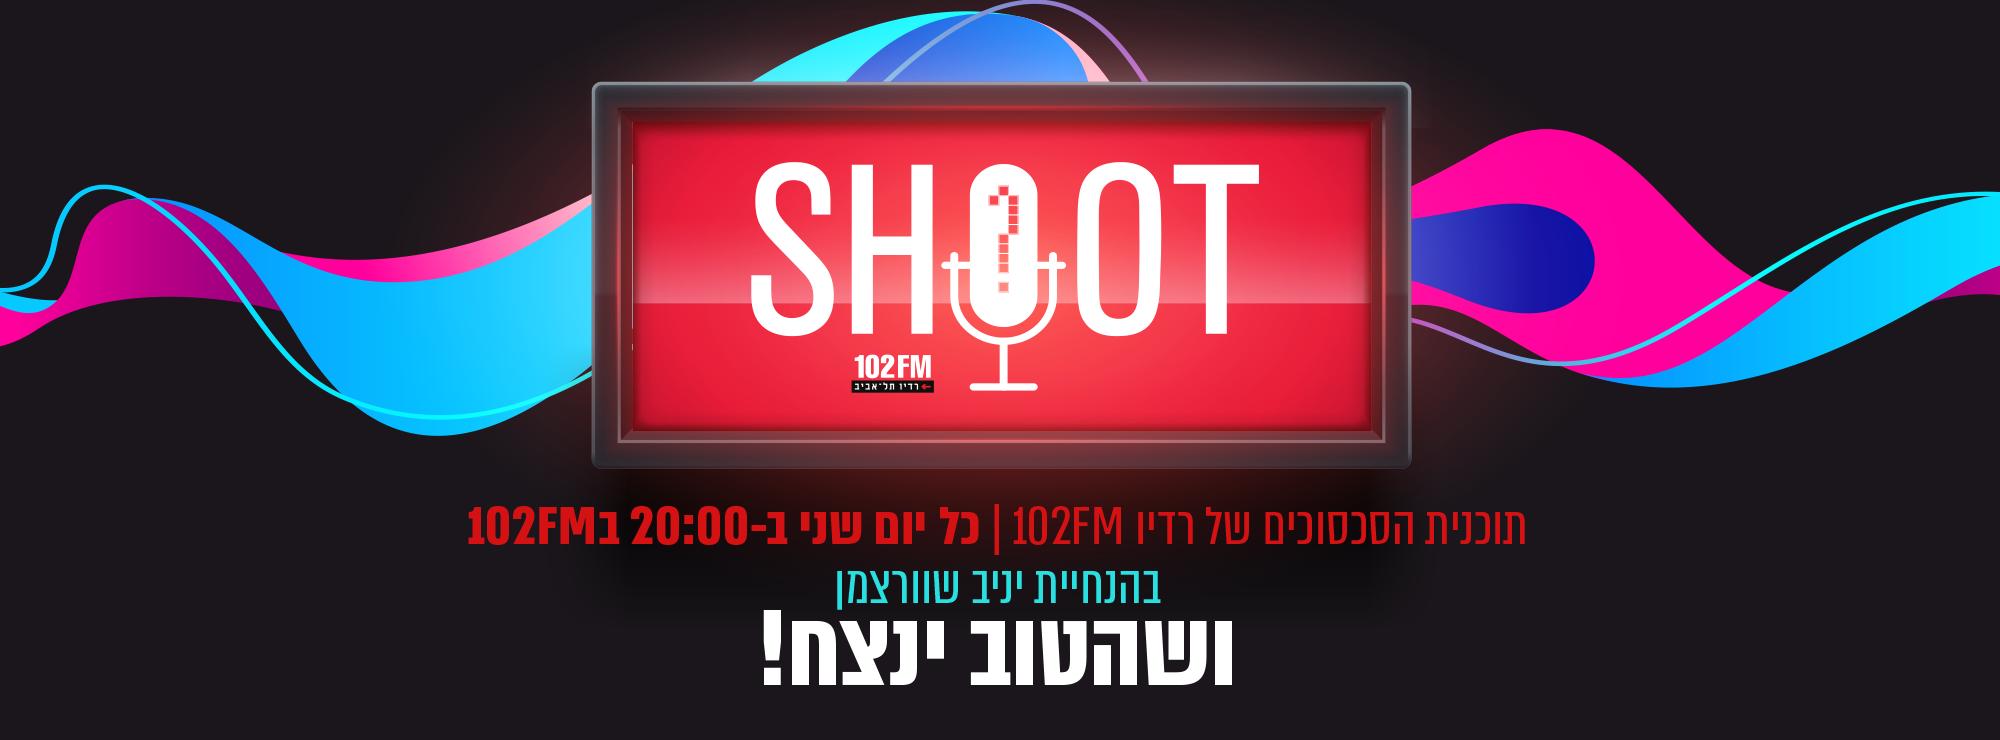 ערוץ השאלות של Shoot 102FM